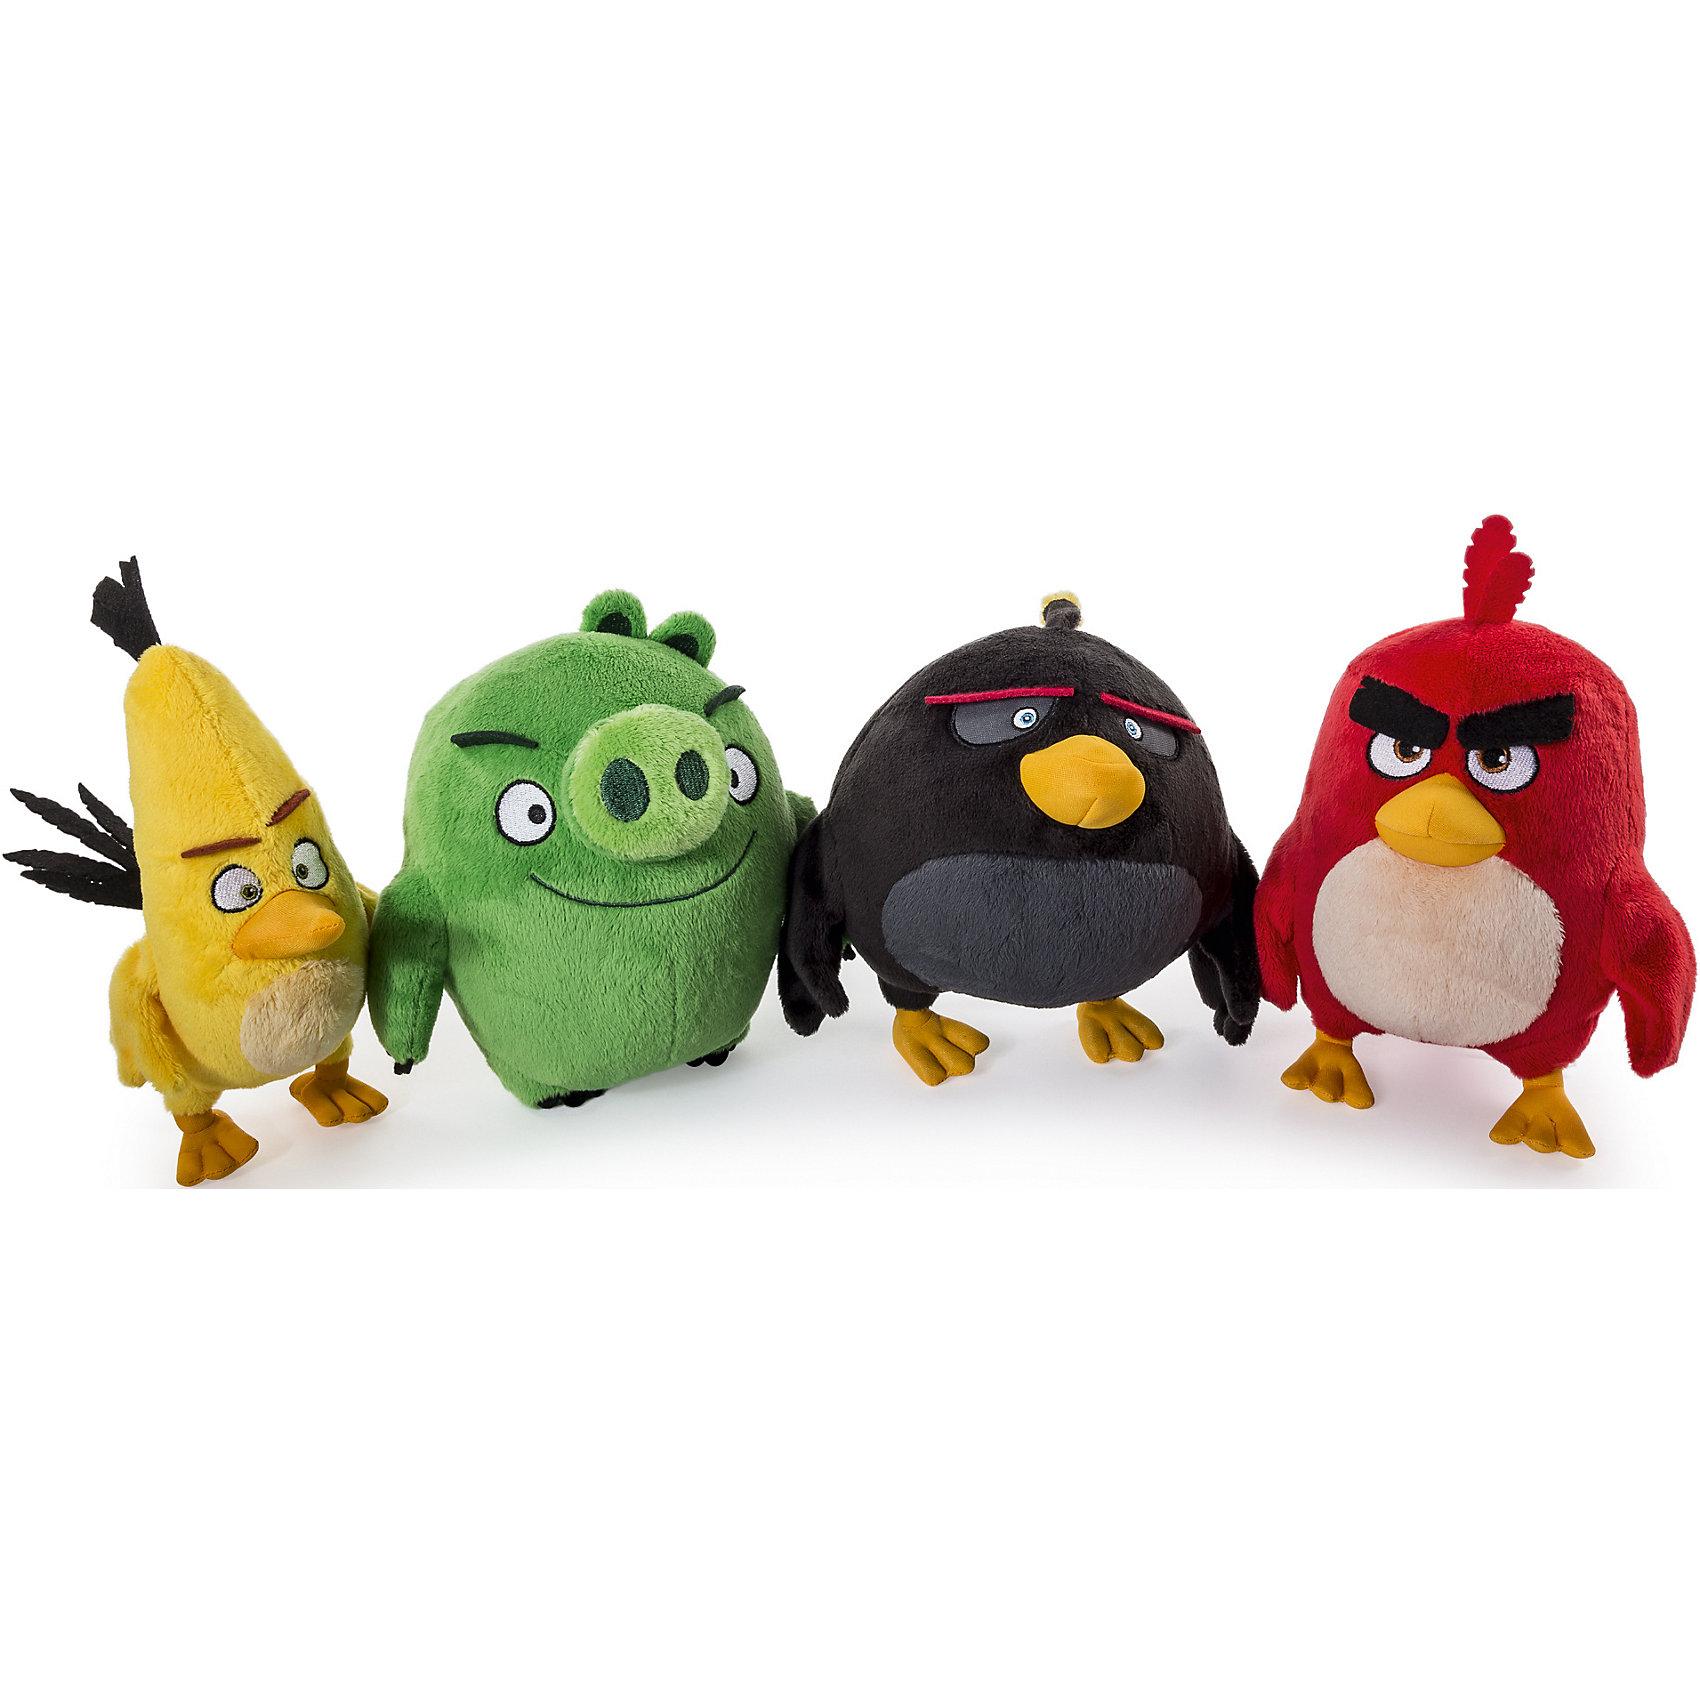 Плюшевая птичка 20см, Angry Birds, в ассортиментеМягкие игрушки животные<br>Плюшевая сердитая птичка. Размер 20см. 4 вида в ассортименте. Каждая игрушка продается отдельно<br><br>Ширина мм: 150<br>Глубина мм: 190<br>Высота мм: 130<br>Вес г: 231<br>Возраст от месяцев: 36<br>Возраст до месяцев: 204<br>Пол: Унисекс<br>Возраст: Детский<br>SKU: 4720292